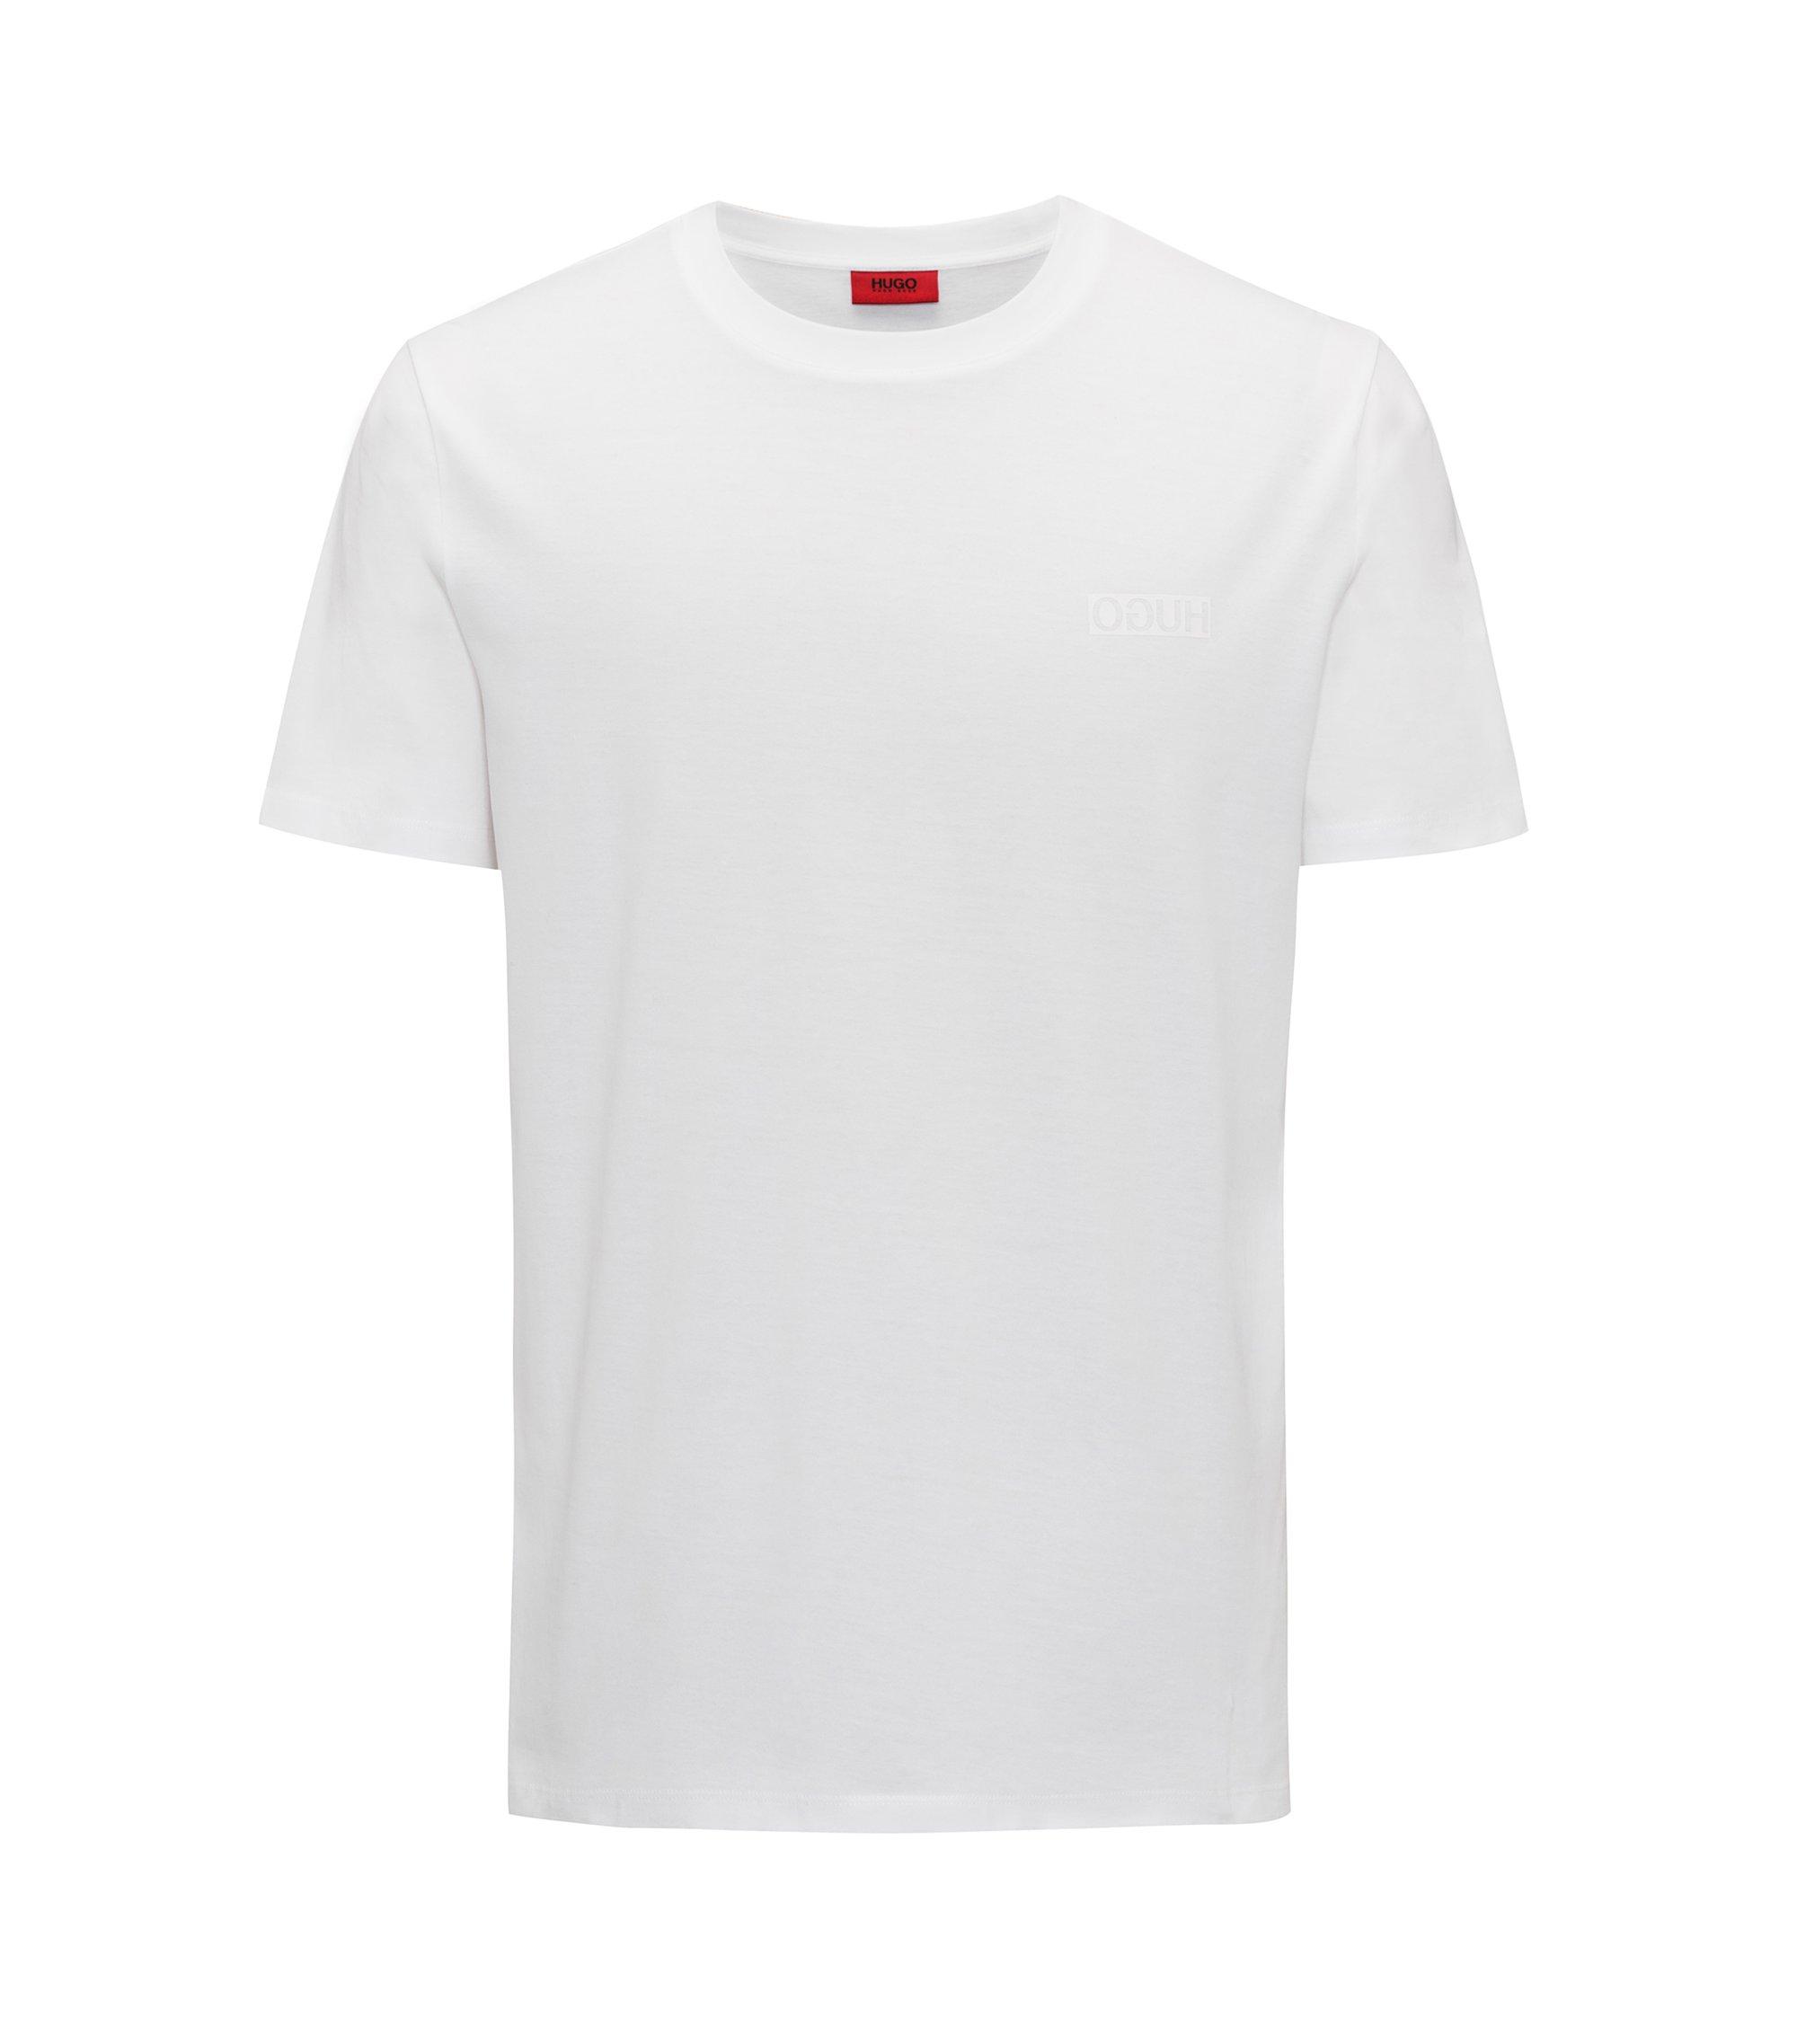 Oversized T-Shirt aus Baumwoll-Jersey mit spiegelverkehrtem Logo, Weiß